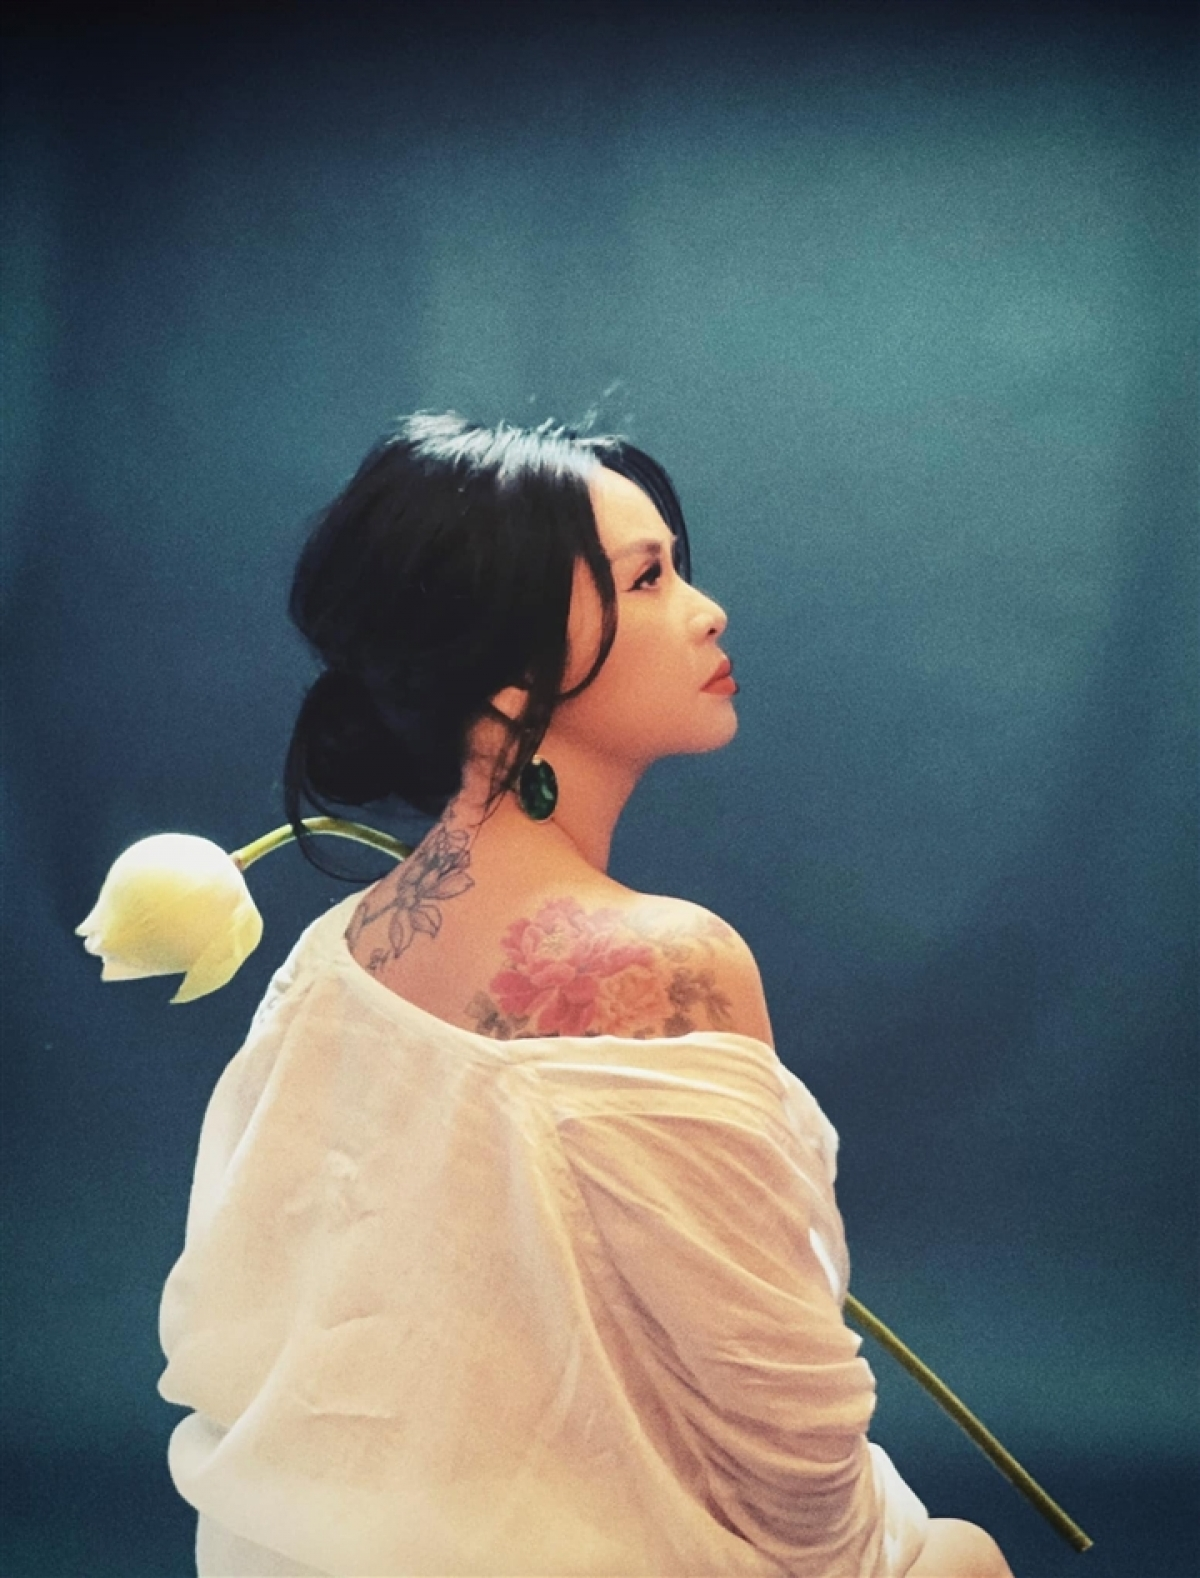 """Trong làng nhạc, ít ai xứng đáng hơn Thanh Lam với danh xưng """"người đàn bà đẹp"""". Ở tuổi 52, nhan sắc của chị vẫn chín mọng và tràn đầy sức sống, cộng thêm nét đằm thắm của trải nghiệm và cảm xúc tích lũy qua tháng năm."""